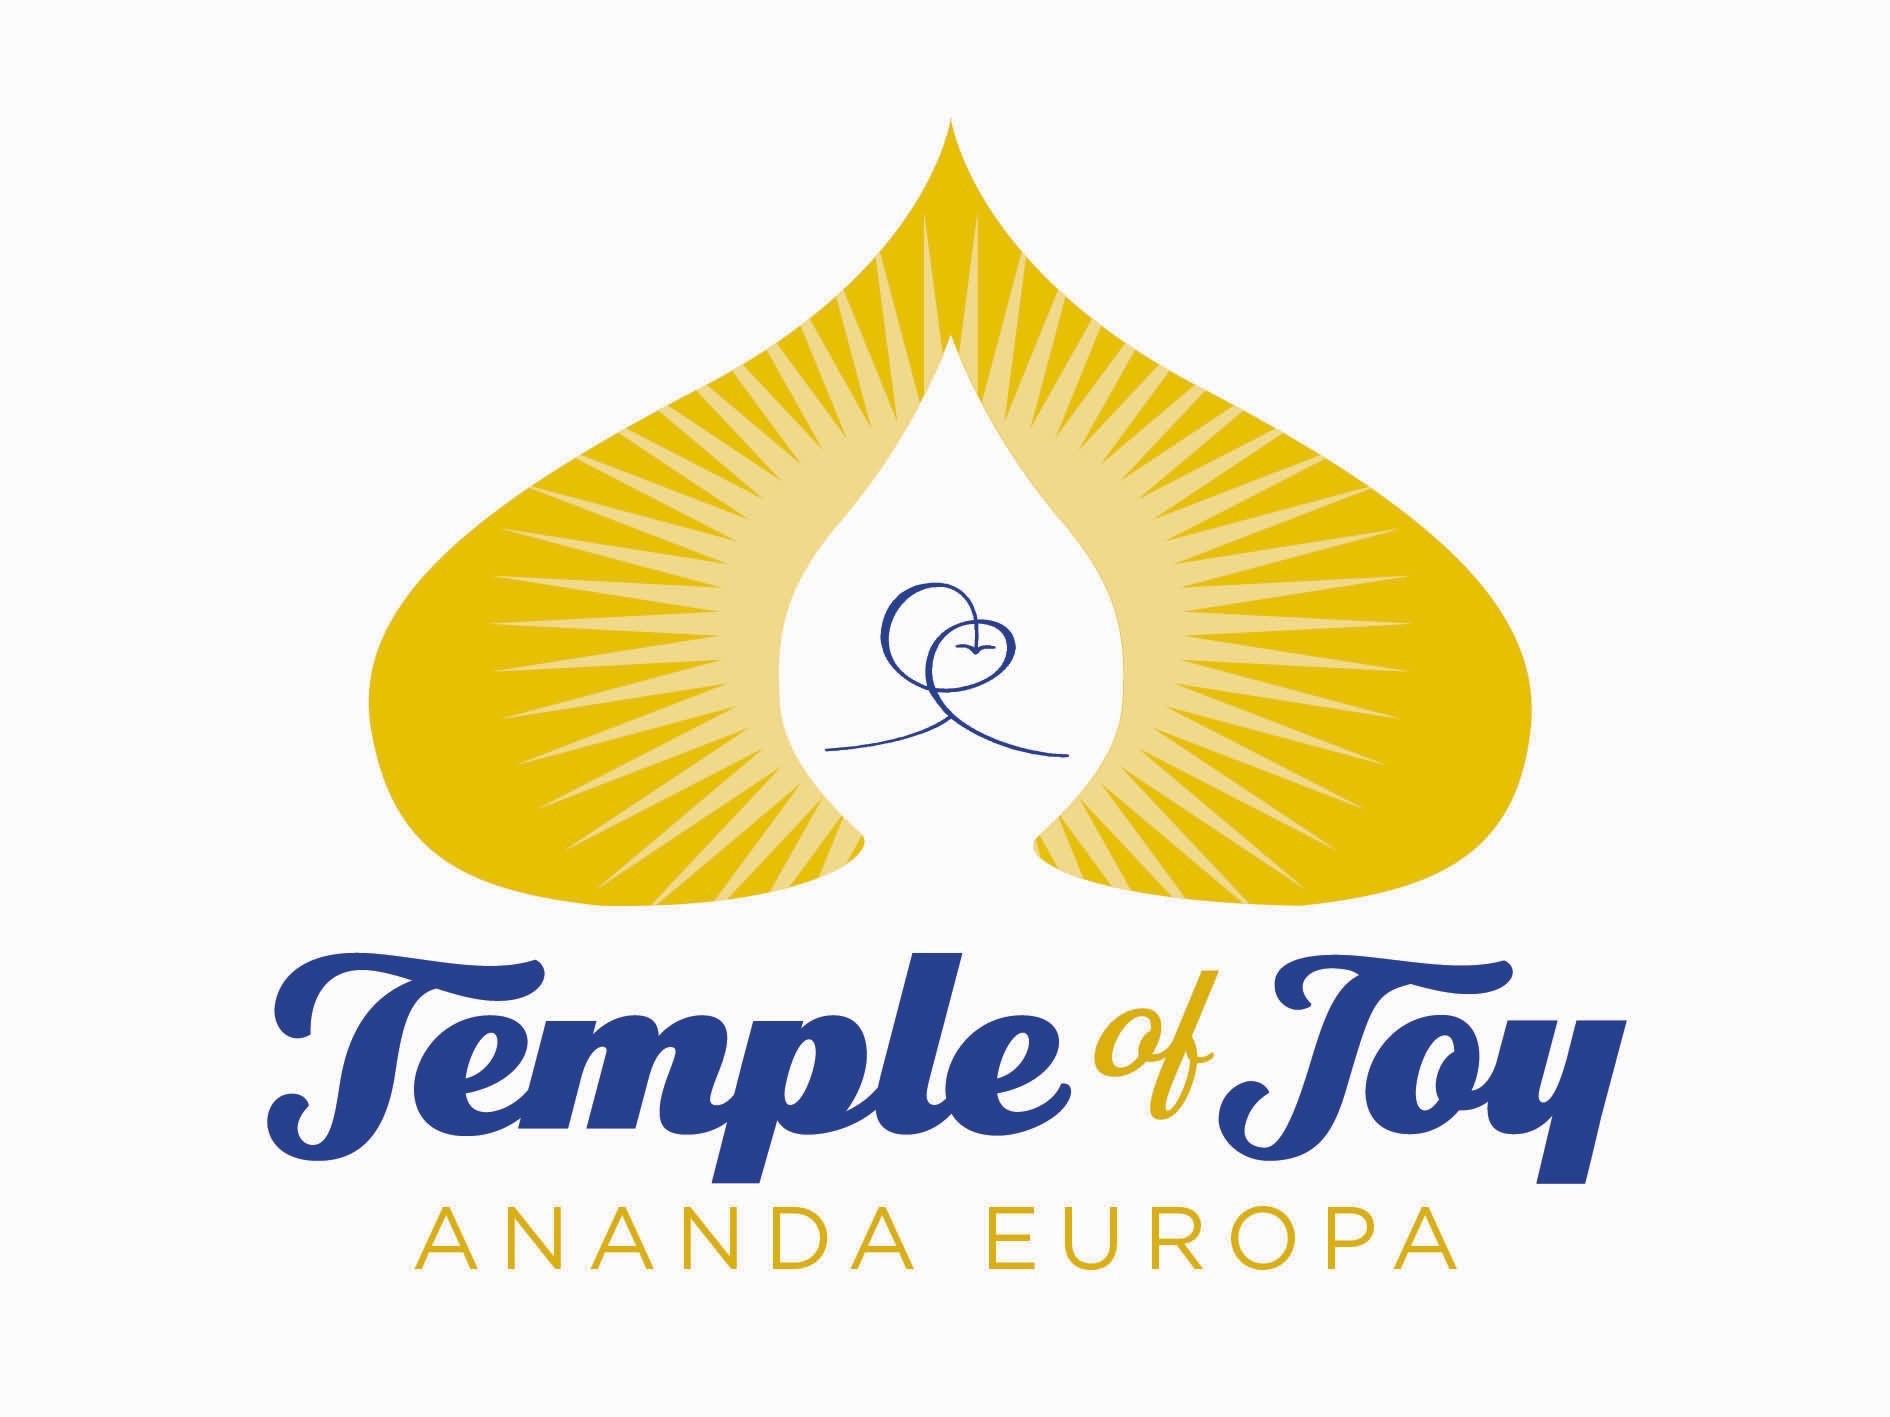 Tempio della Gioia ad Ananda Europa - Ananda Europa - Tempio della Gioia